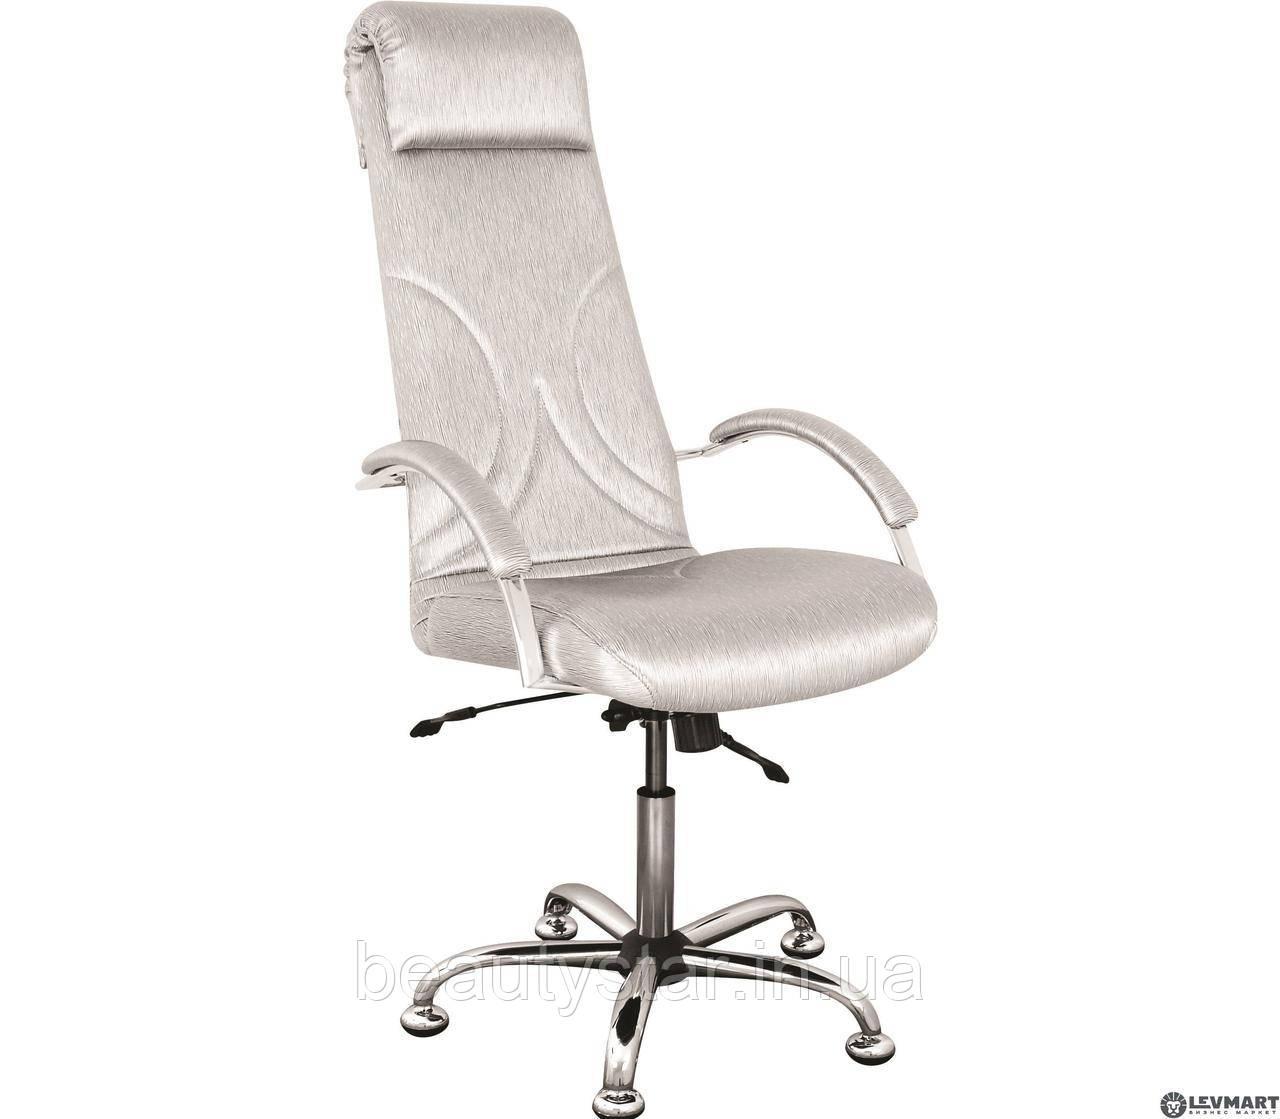 Крісло для візажу та педикюрне крісло Aramis